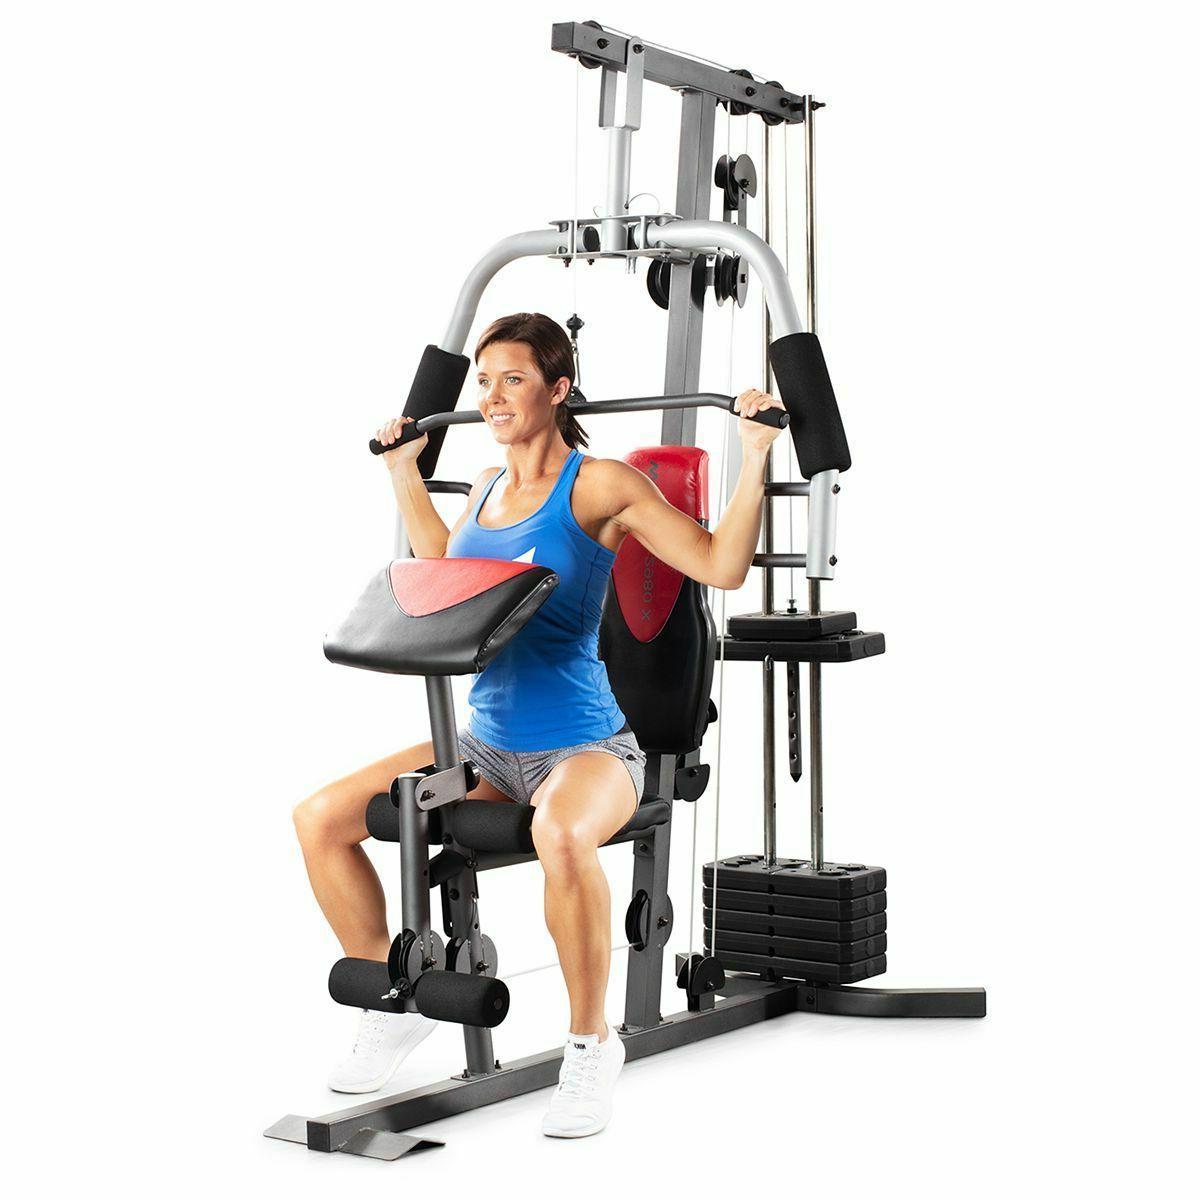 Weider 2980 Gym Weights Bench System